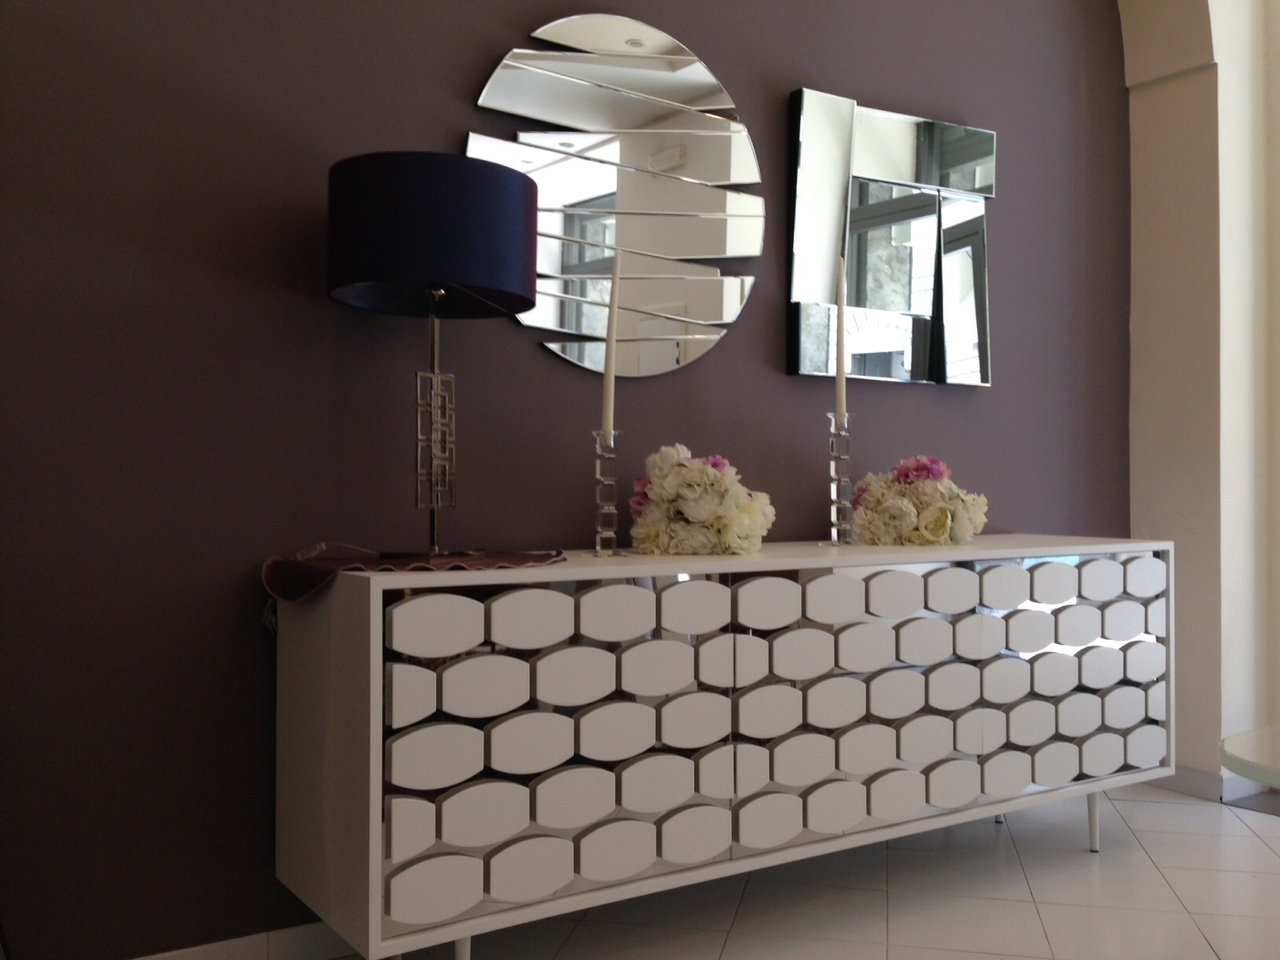 Tonin Casa Soggiorno Madia Honey tonin casa in offerta Laccato Opaco Madie Design - Soggiorni a ...